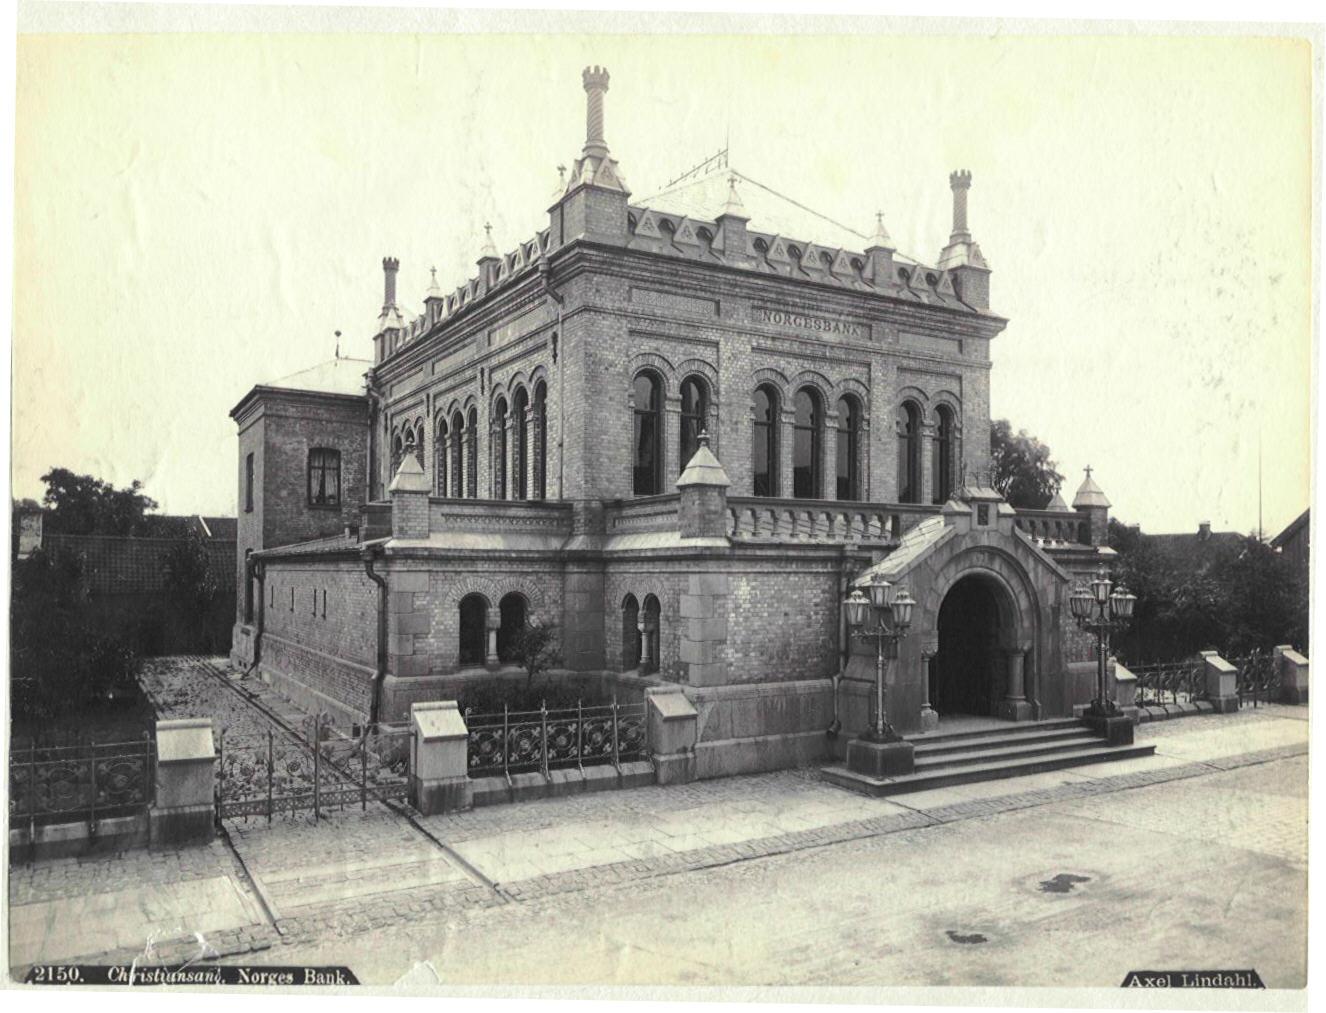 Bilde av Norges Bank. Norges Banks avdelingskontor i Kristiansand ble bygget mellom 1877 og 1879. I 1892 brant bygningen, men allerede i 1893 kunne man flytte inn igjen etter restaurering. Foto: Axel Lindahl, Norges Bank